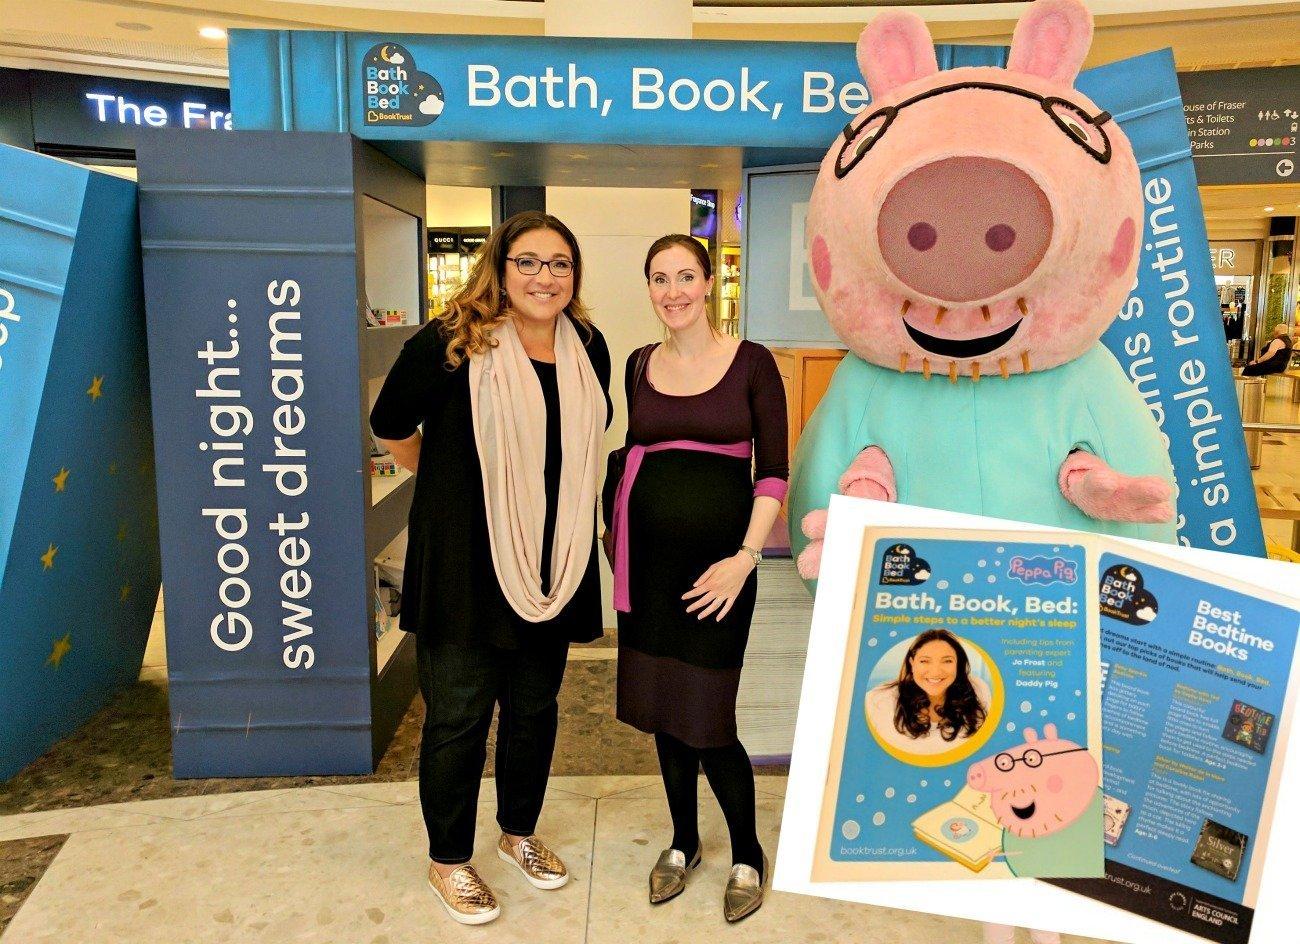 Bath, Book, Bed Campaign